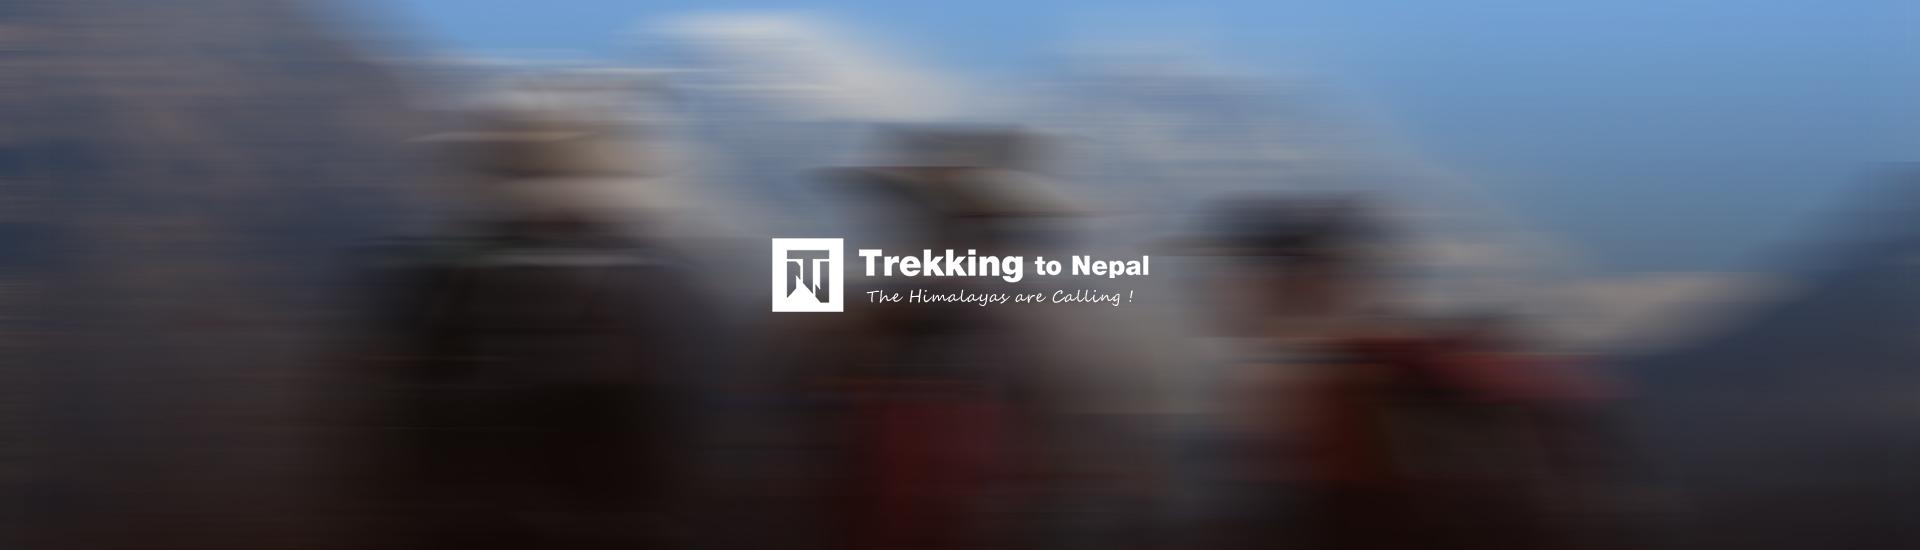 Trekking to Nepal